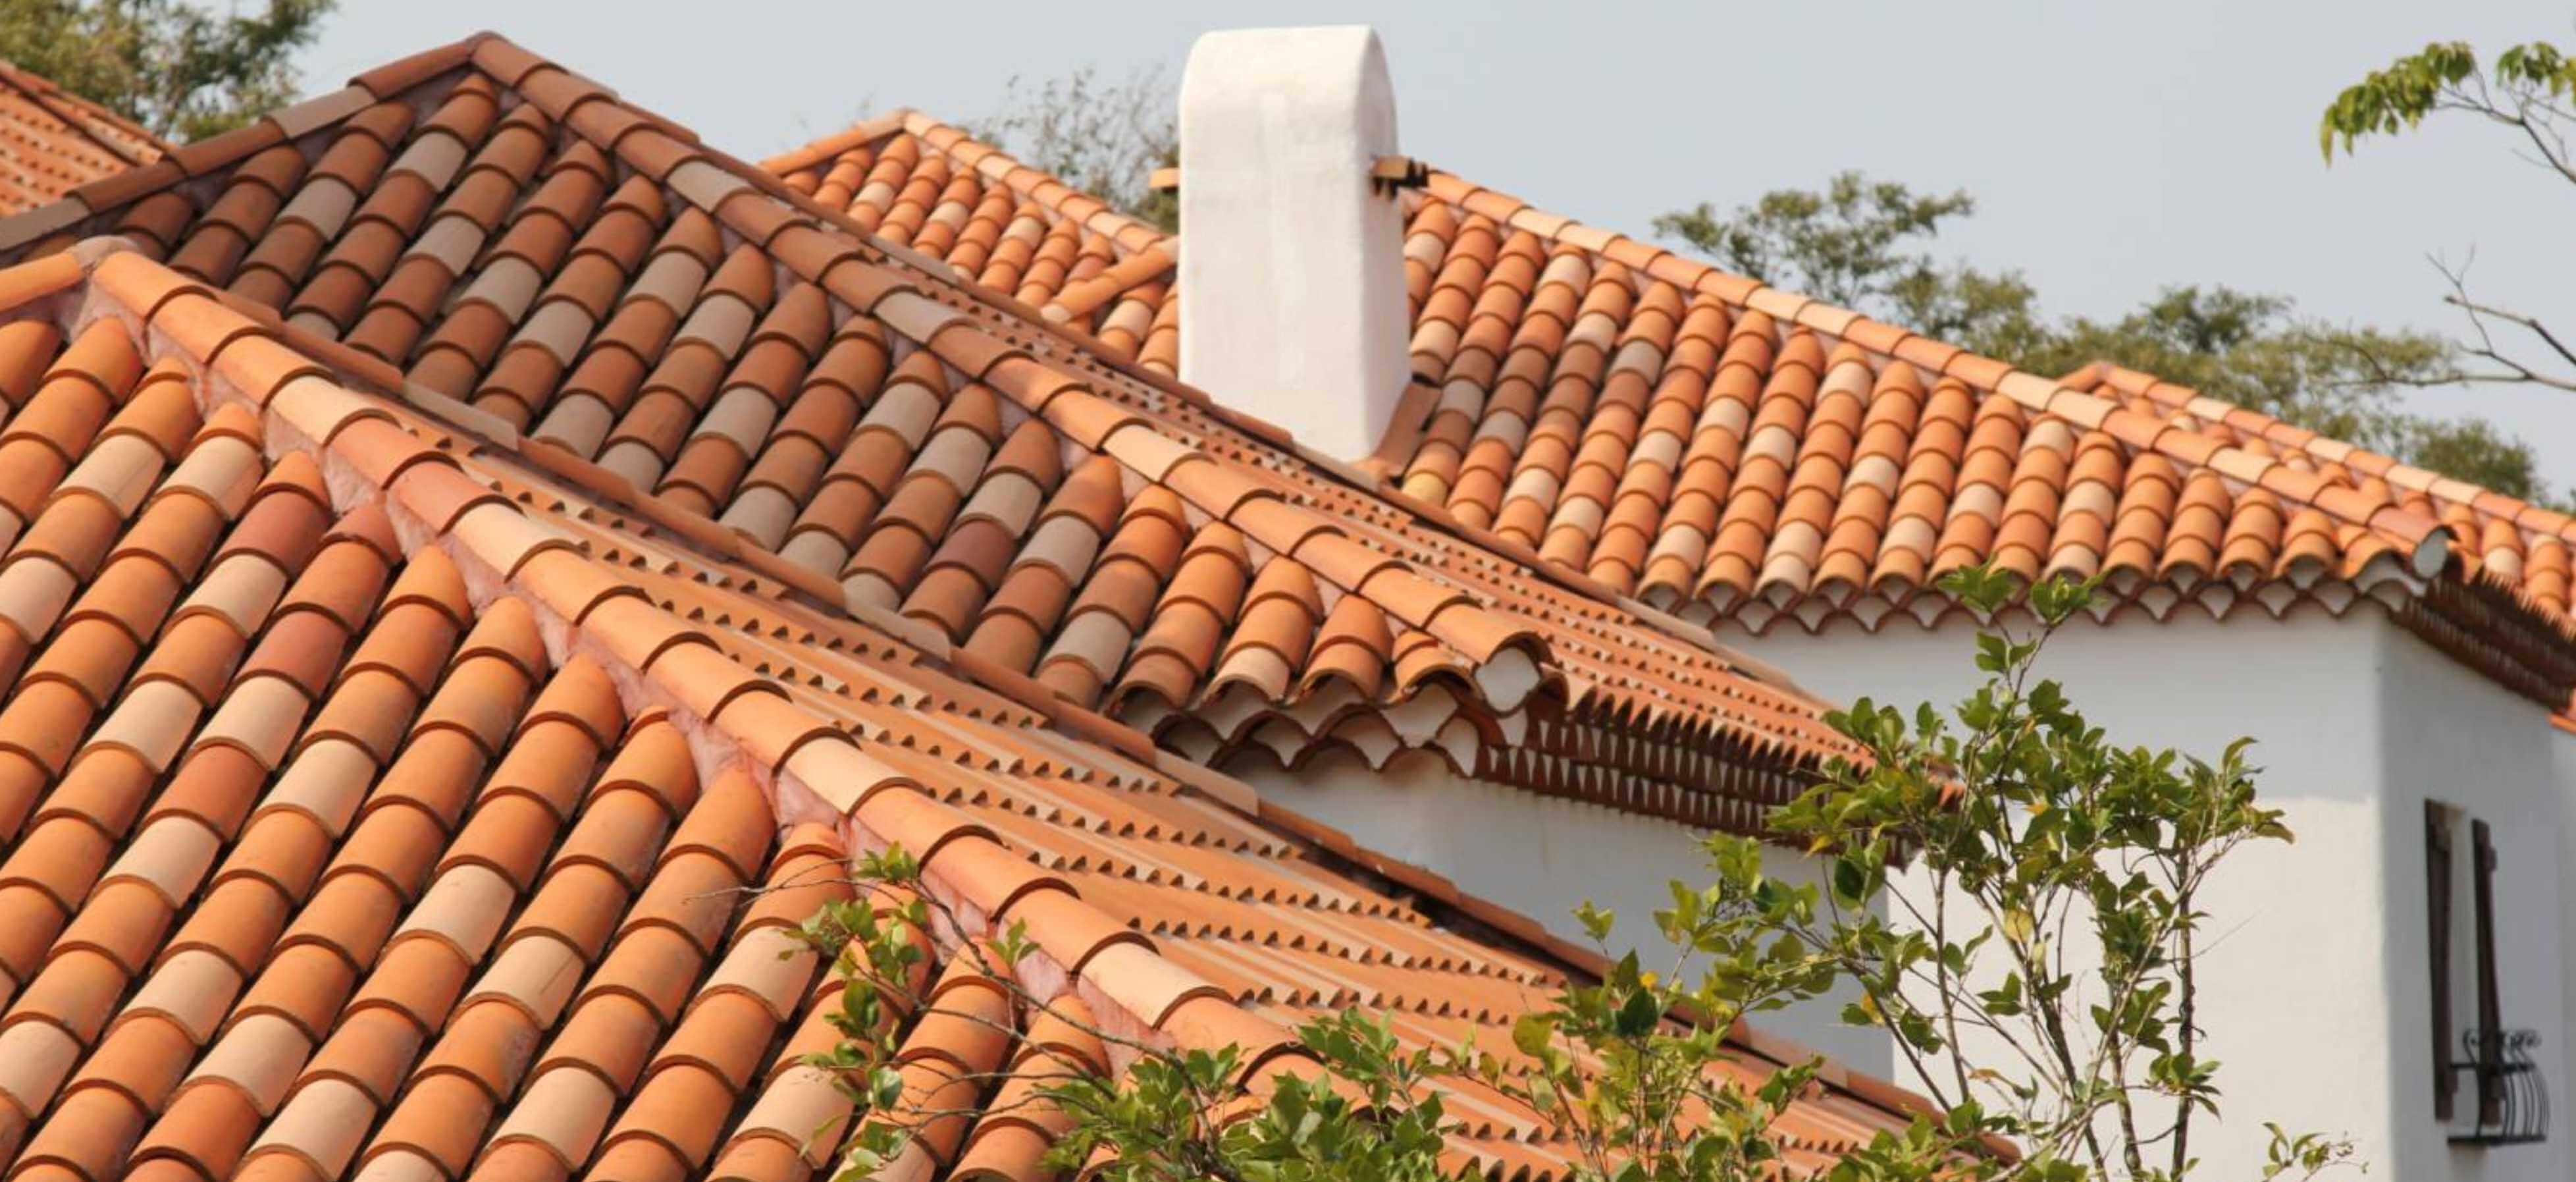 Roof ceramic tile